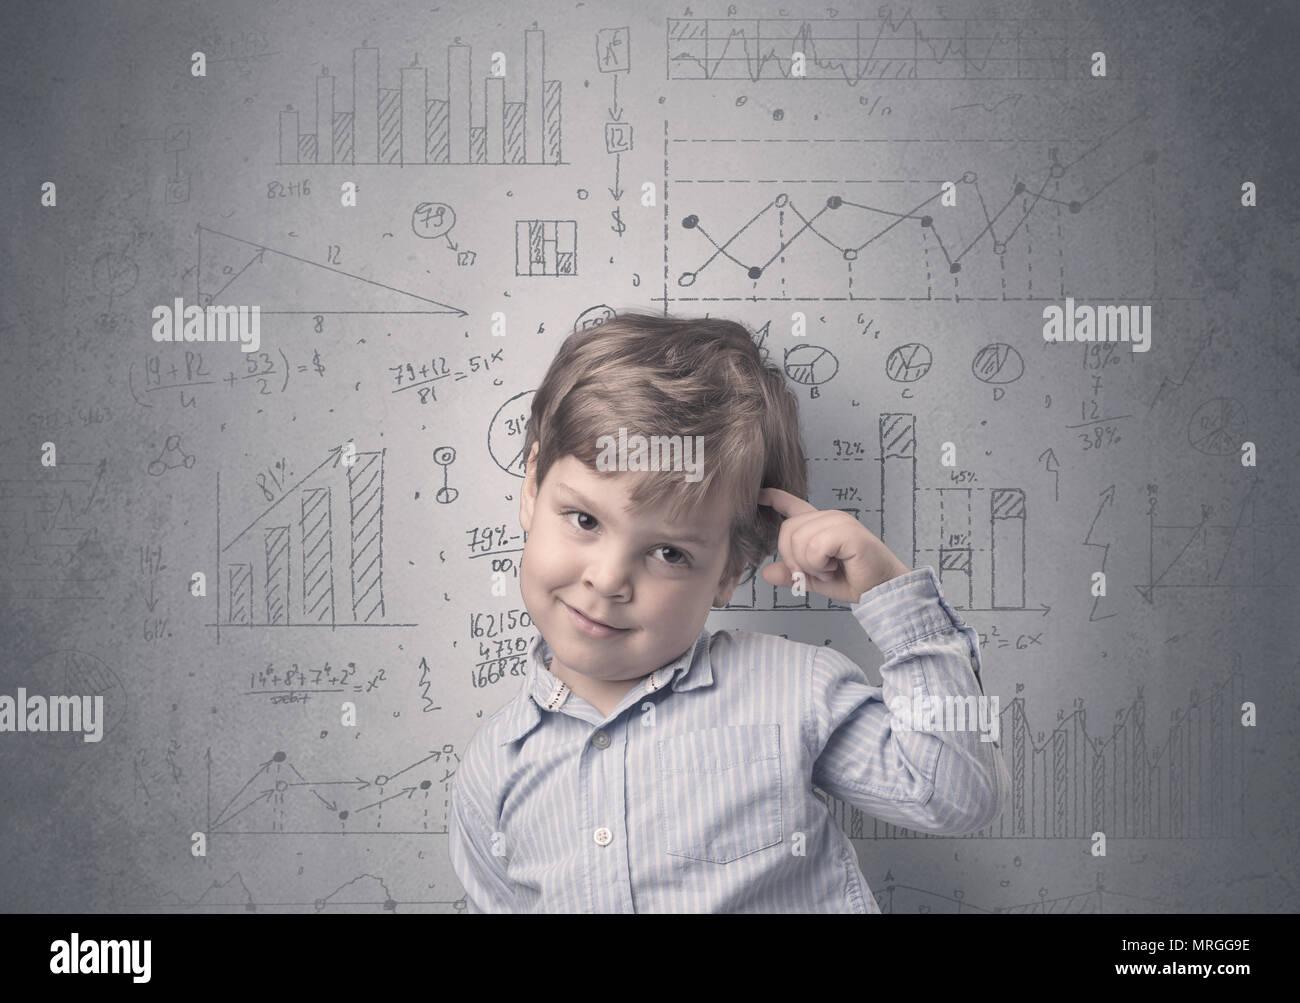 Niñito en frente de una pared gris con gráficos y estadísticas alrededor Imagen De Stock